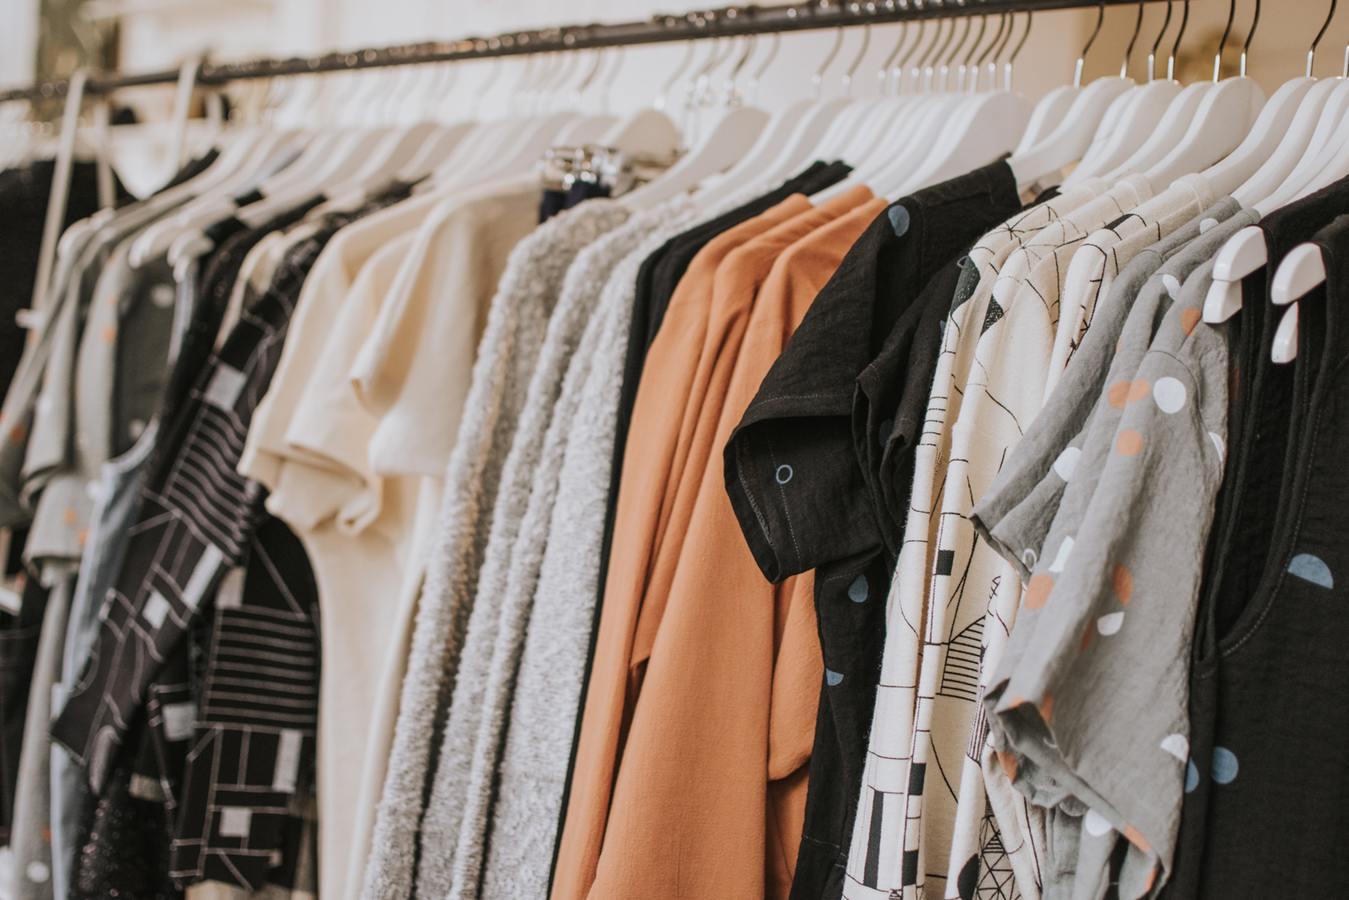 mặt hàng kinh doanh online quần áo